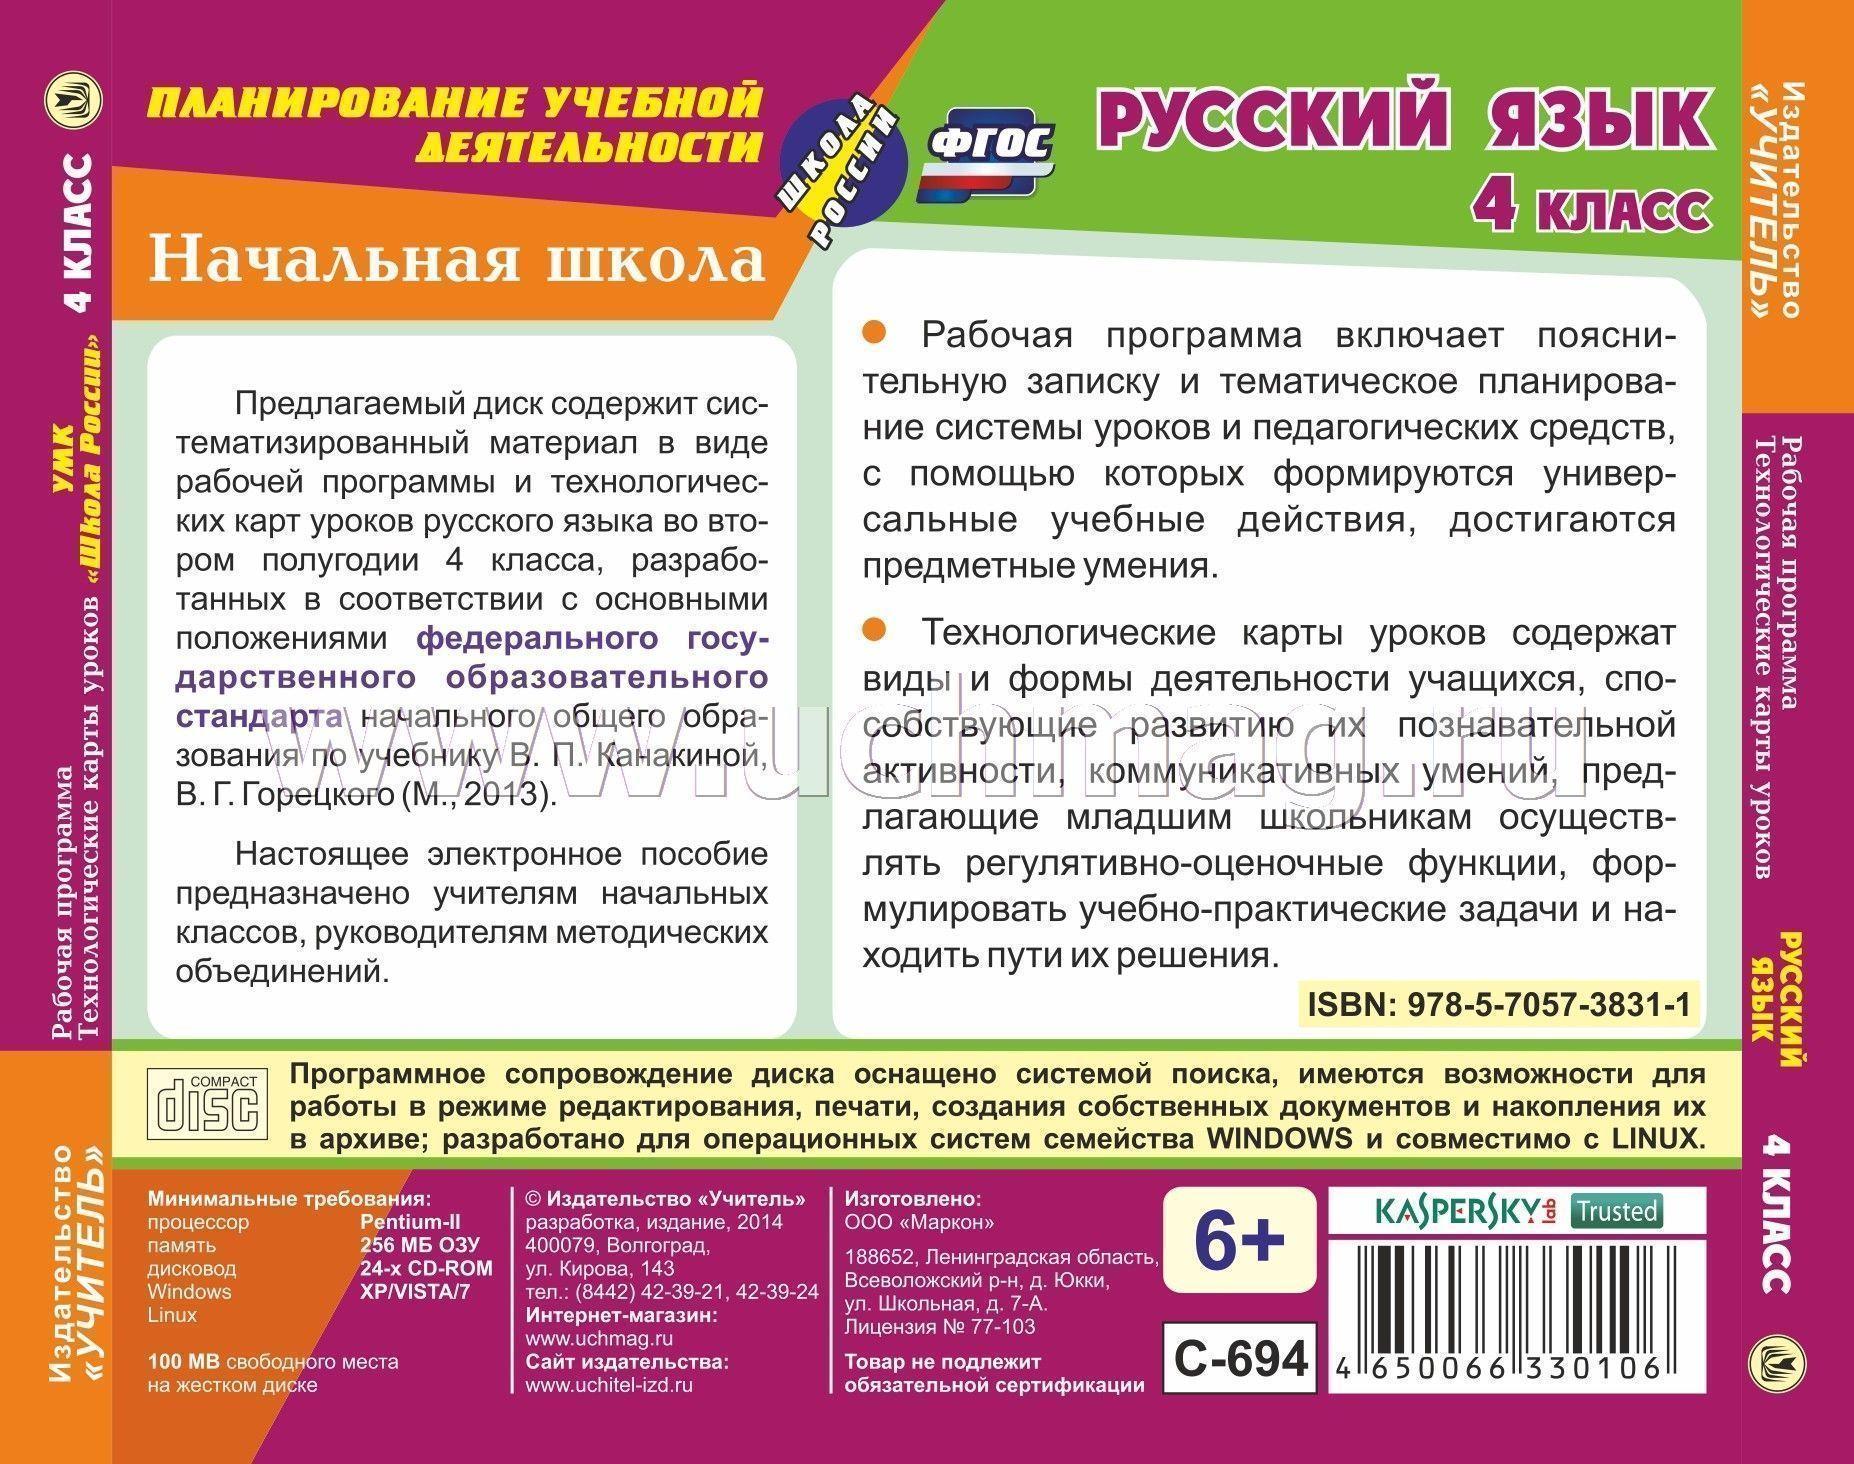 рабочая программа по русскому языку 4 класс канакина фгос школа россии